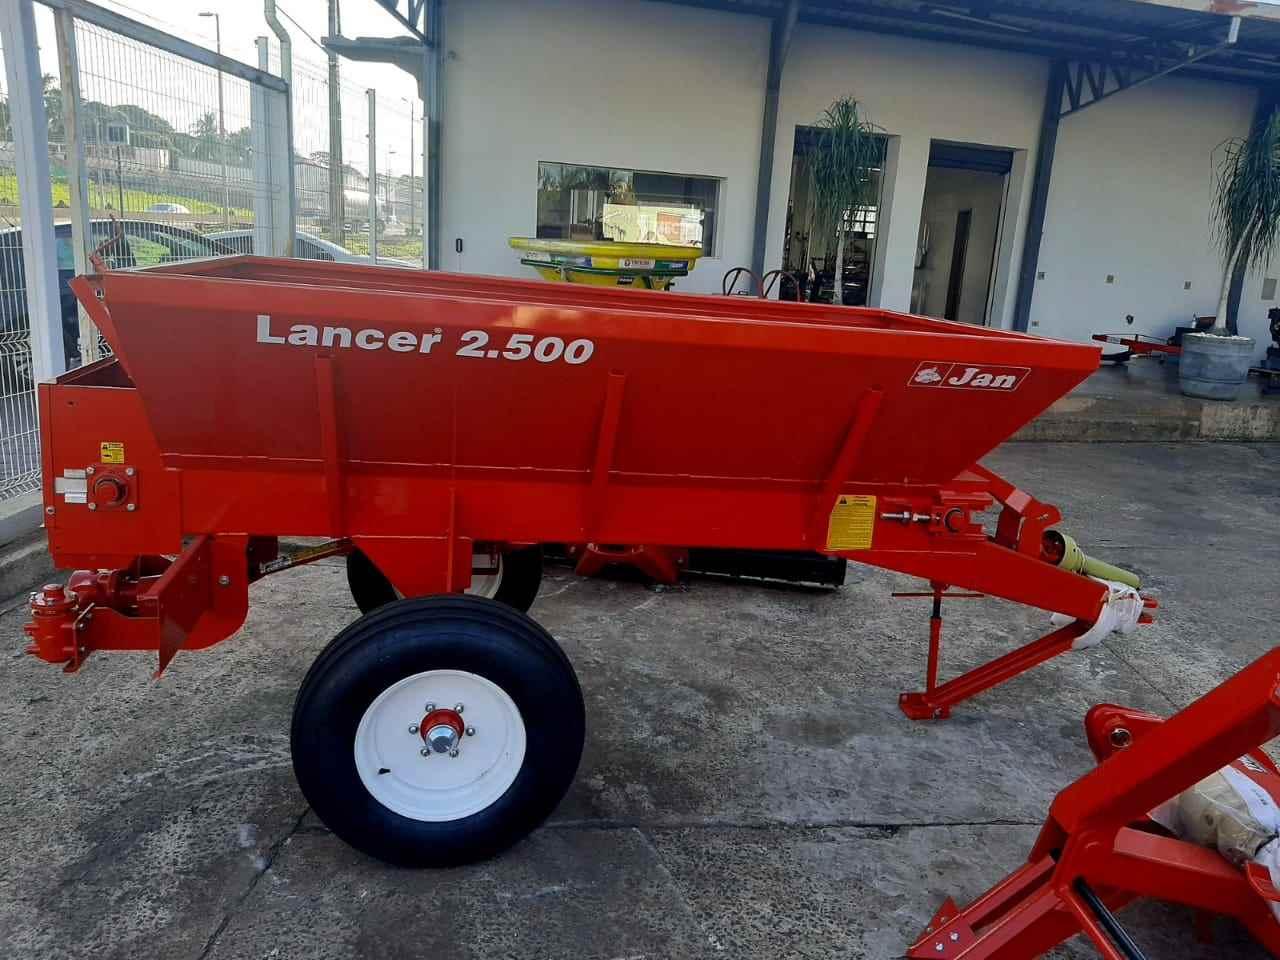 IMPLEMENTOS AGRICOLAS DISTRIBUIDOR CALCÁRIO 2500 Kg Gerominho Implementos Agrícolas UBERLANDIA MINAS GERAIS MG